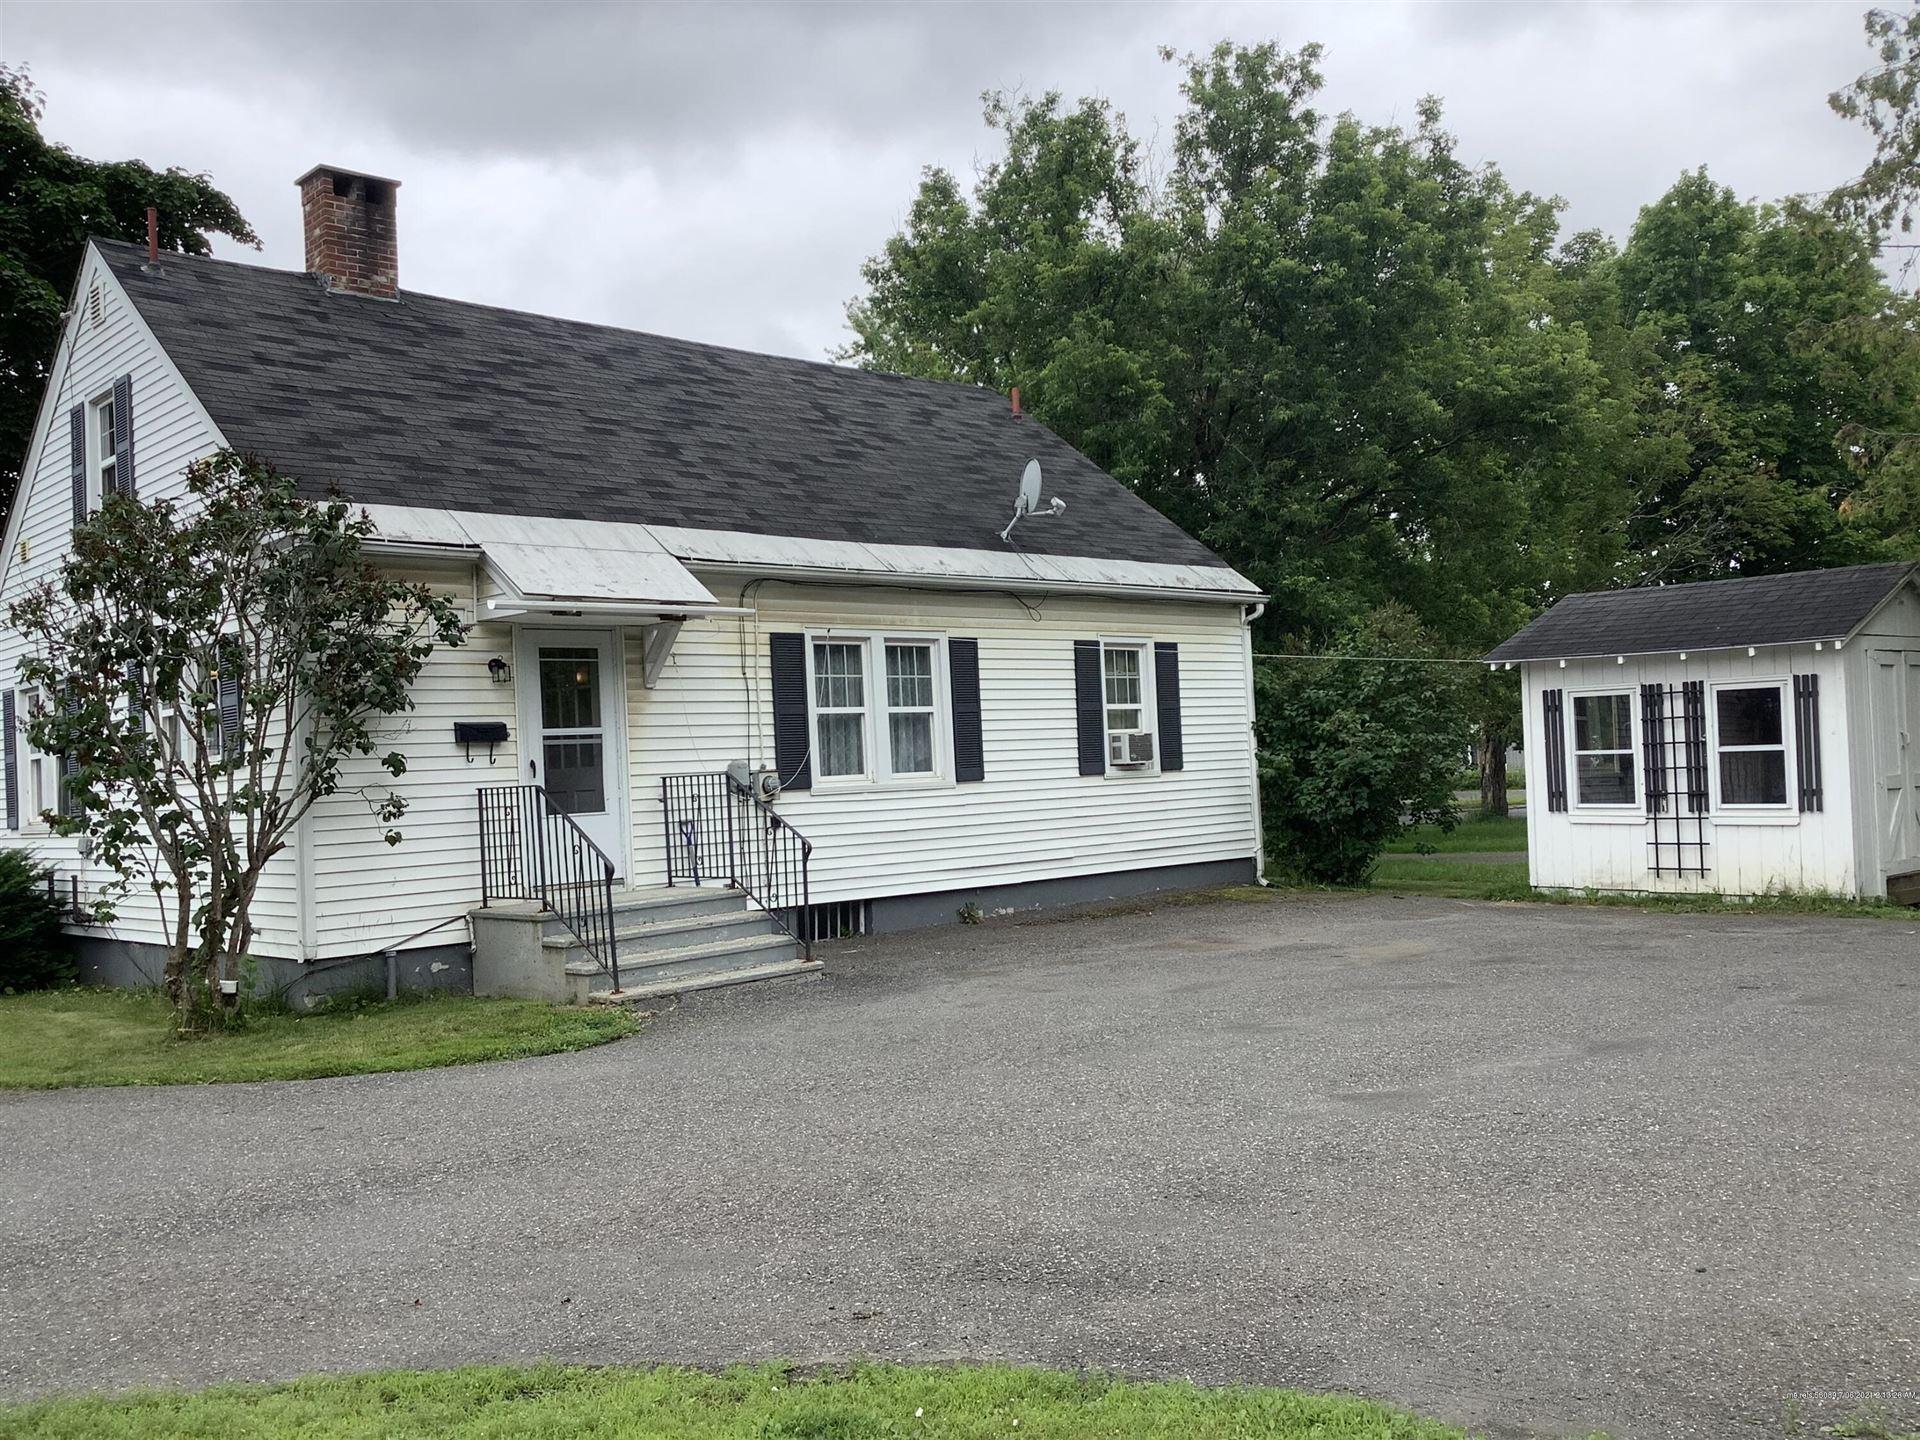 Photo of 37 Dyer Street, Presque Isle, ME 04769 (MLS # 1499239)